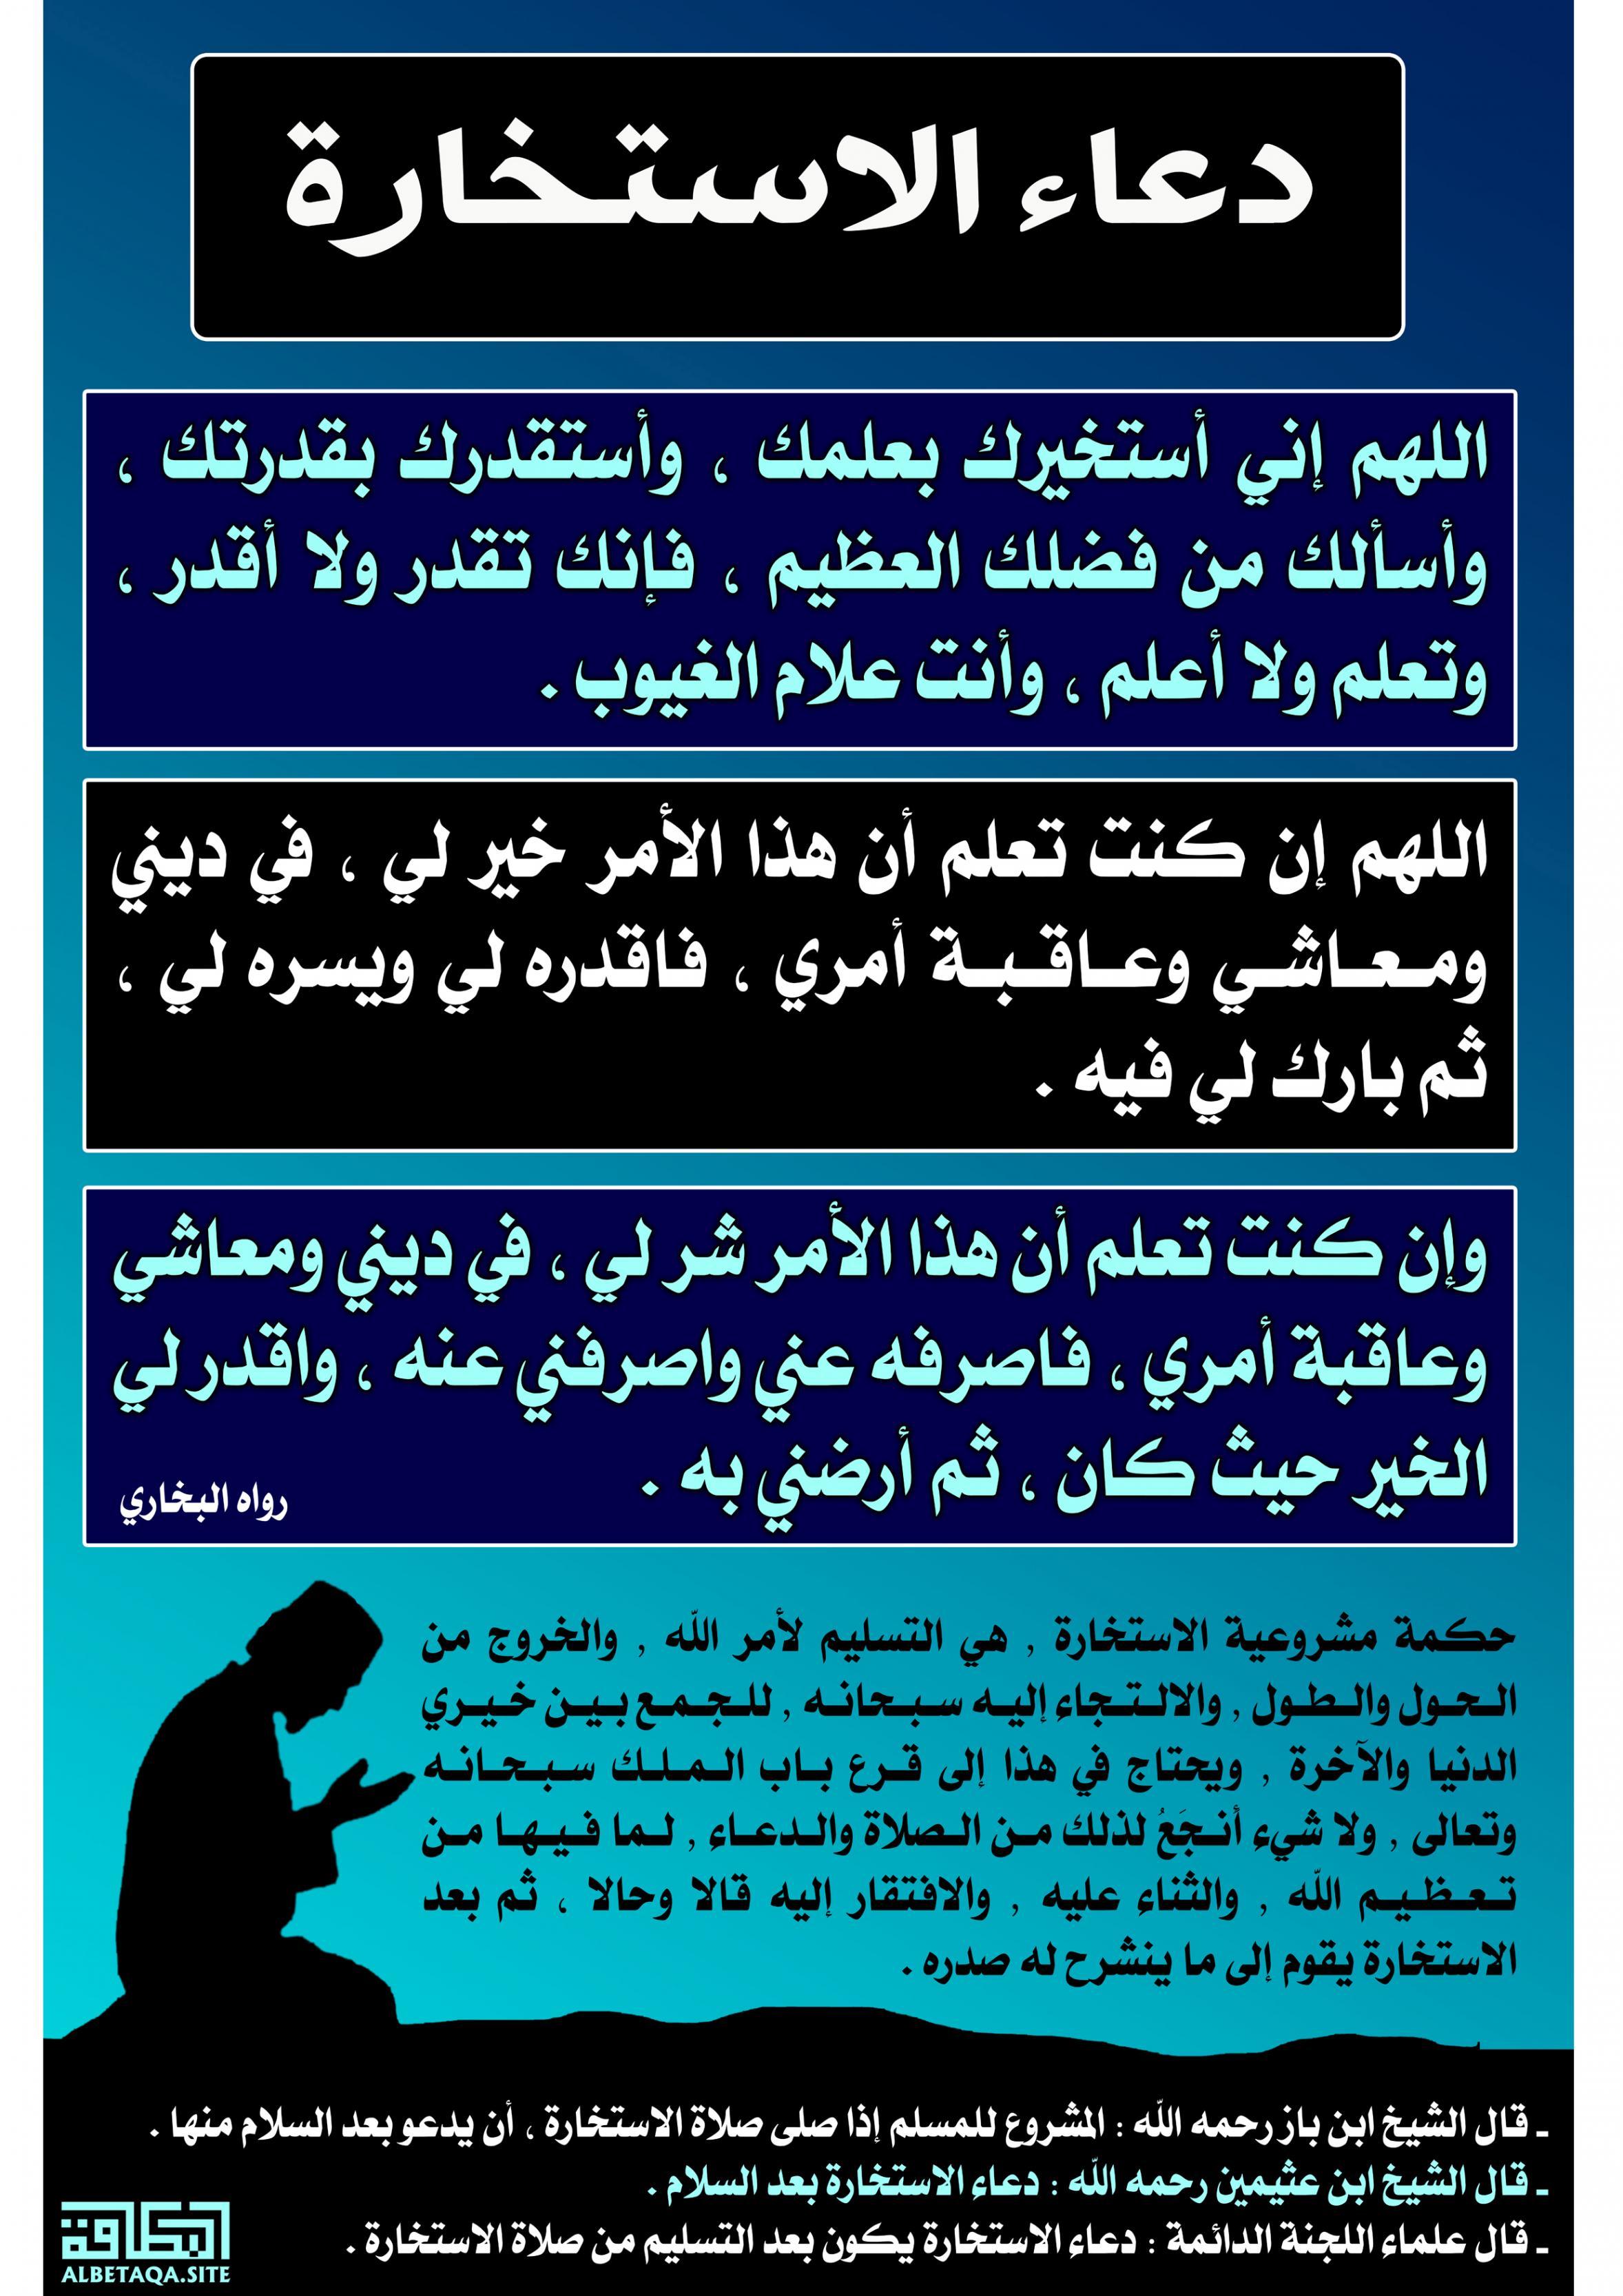 بالصور صور دعاء الاستخاره , ما هي الكلمات التي تقال في دعاء الاستخارة 164 4